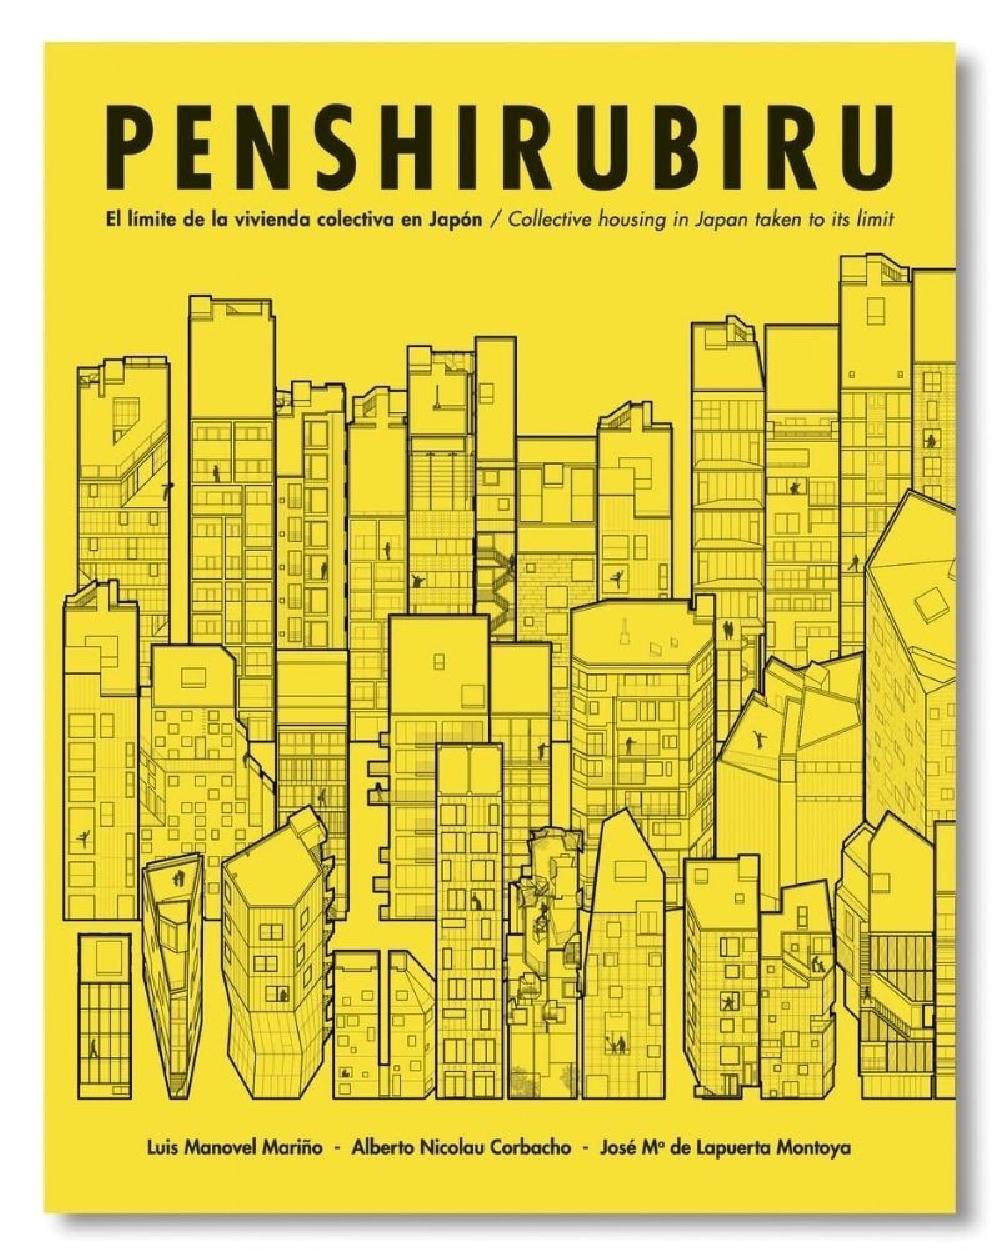 Penshirubiru: Collective housing in Japan taken to its limit